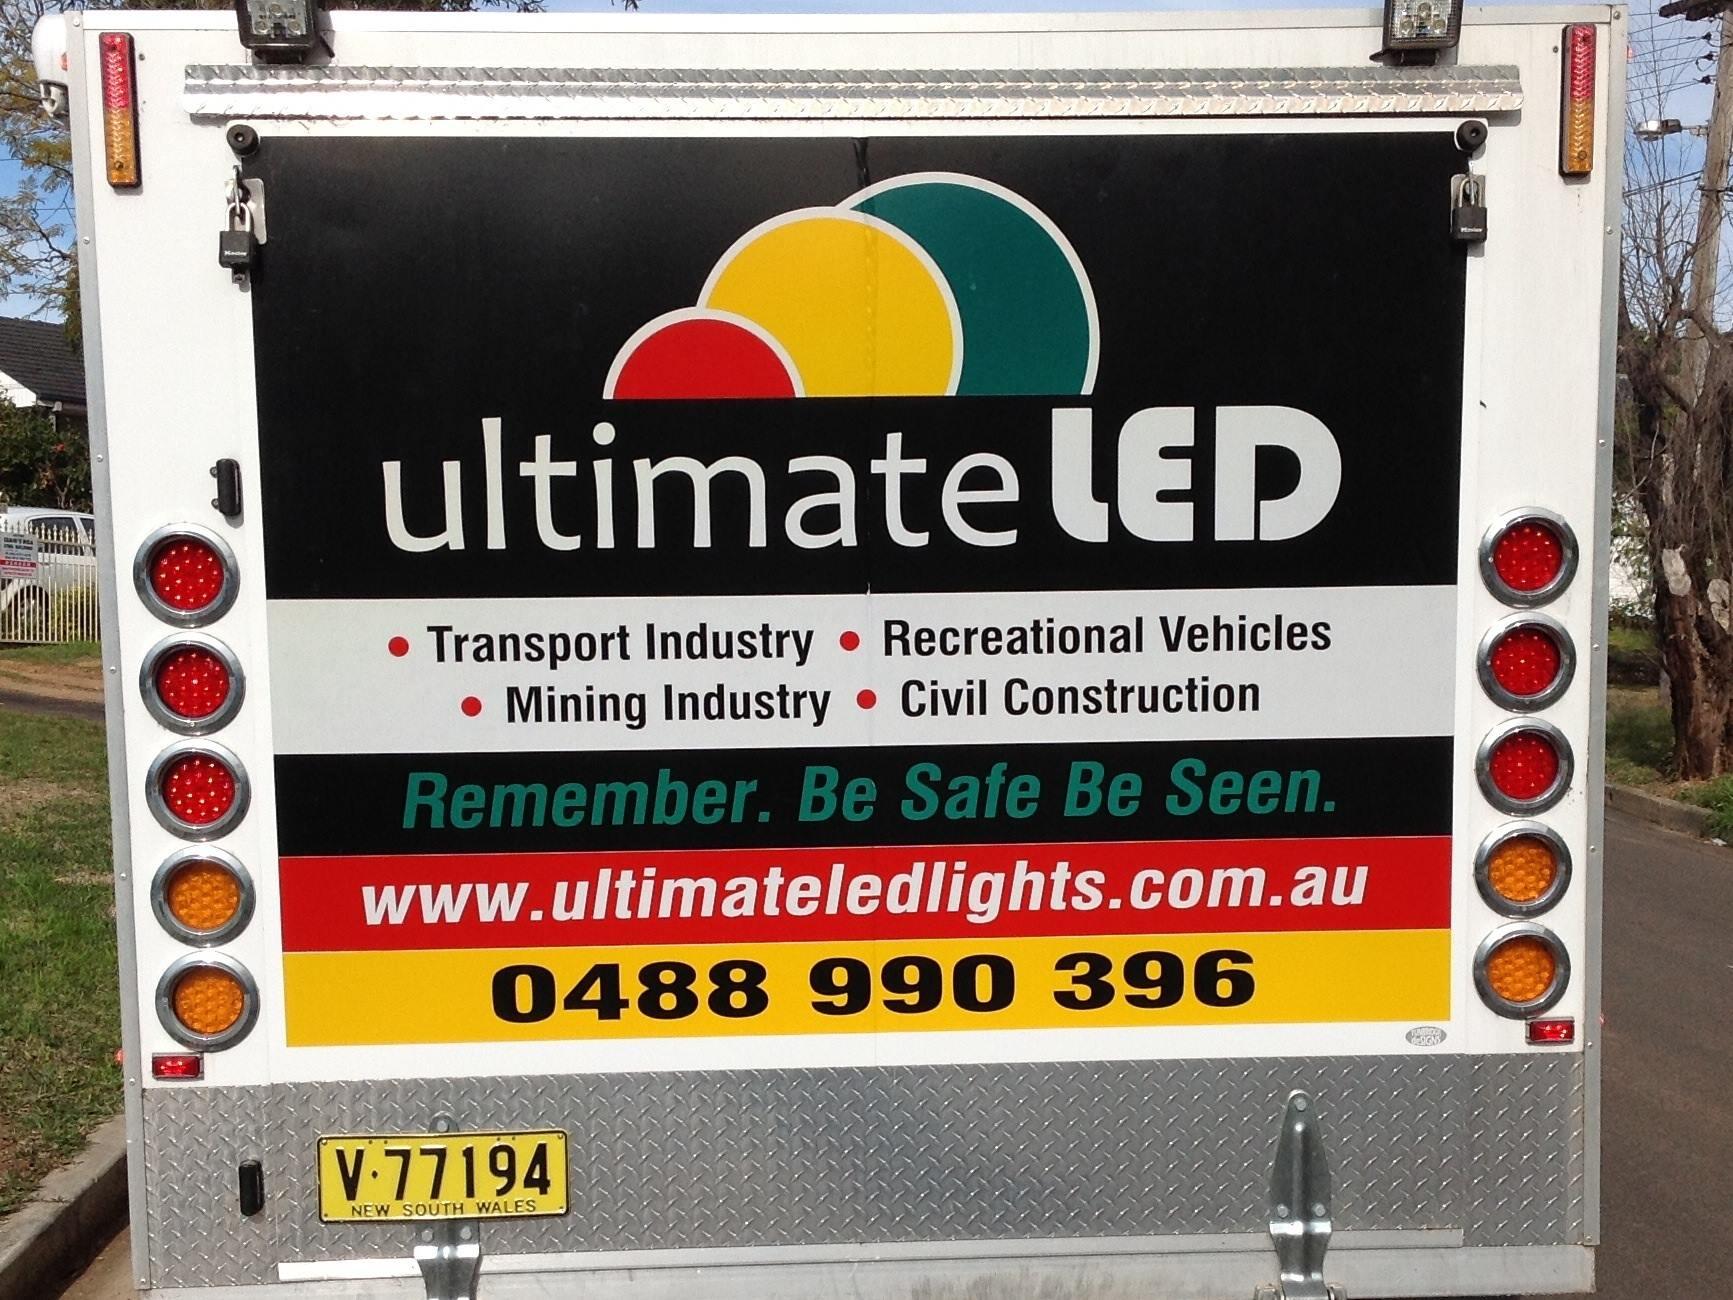 Ulitimate Led Lights - Arndell Park, NSW 2148 - 1300 651 685 | ShowMeLocal.com